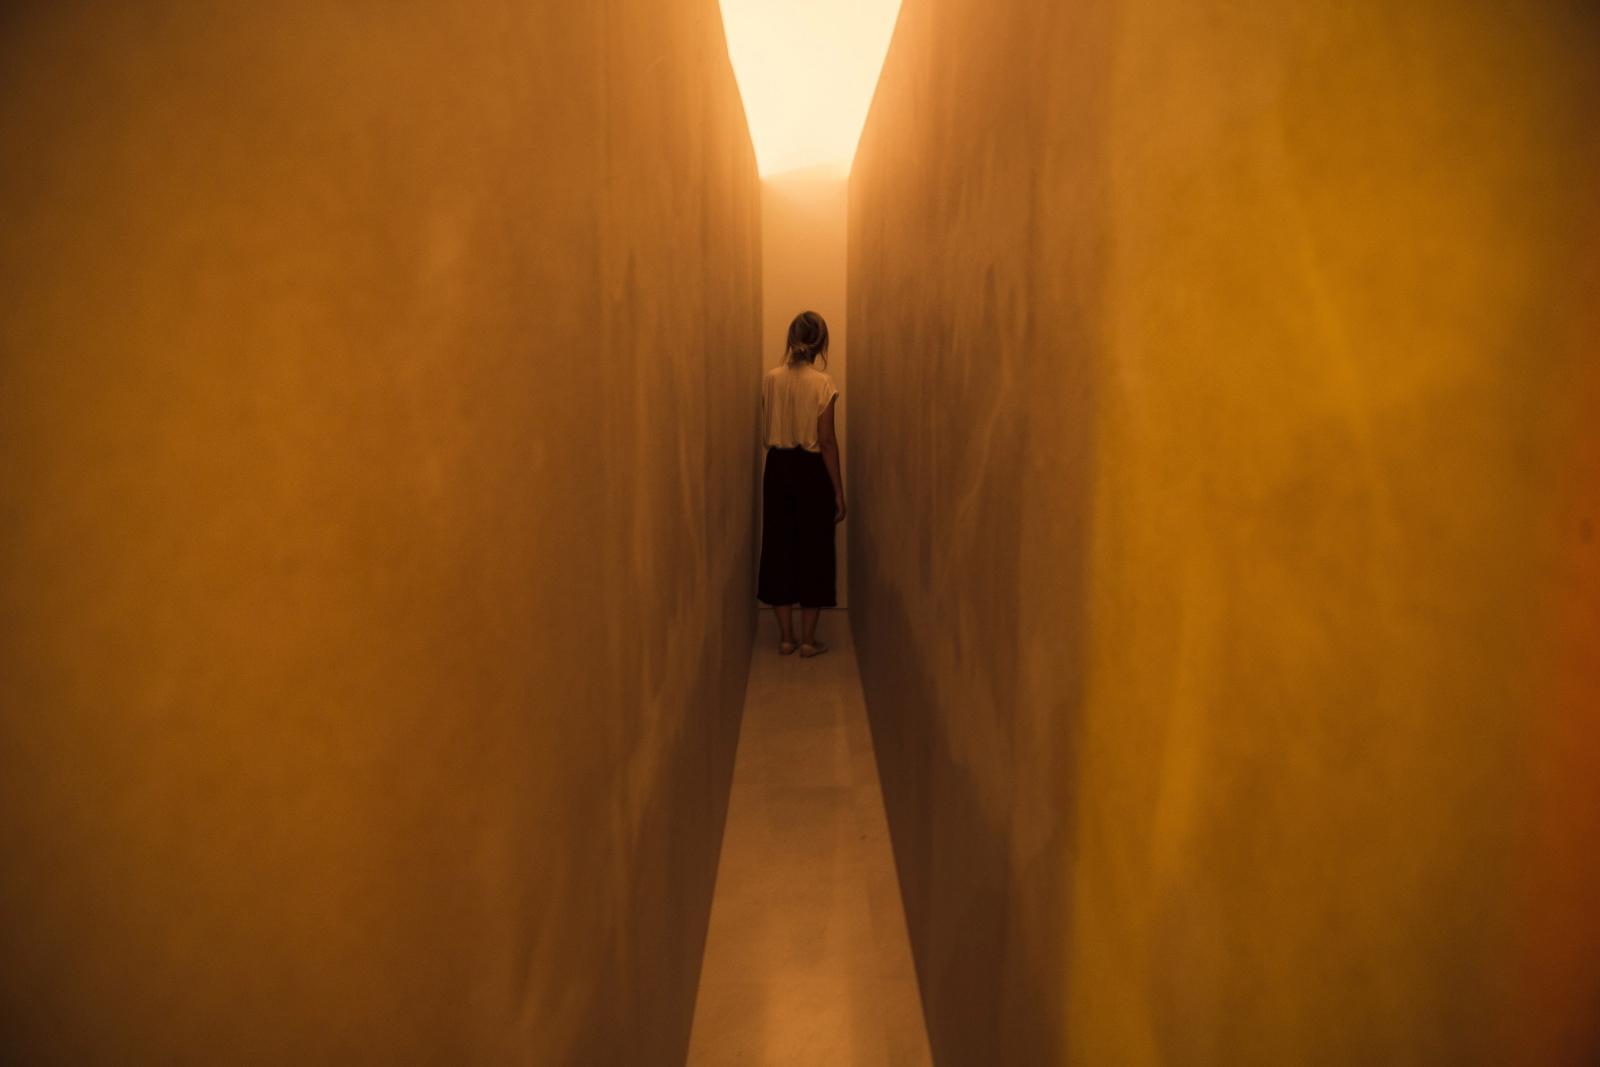 """Grafika """"Performance Corridor"""" podczas hiszpańskiej wystawy w Maladze. Fot. EPA/Jorge Zapata"""